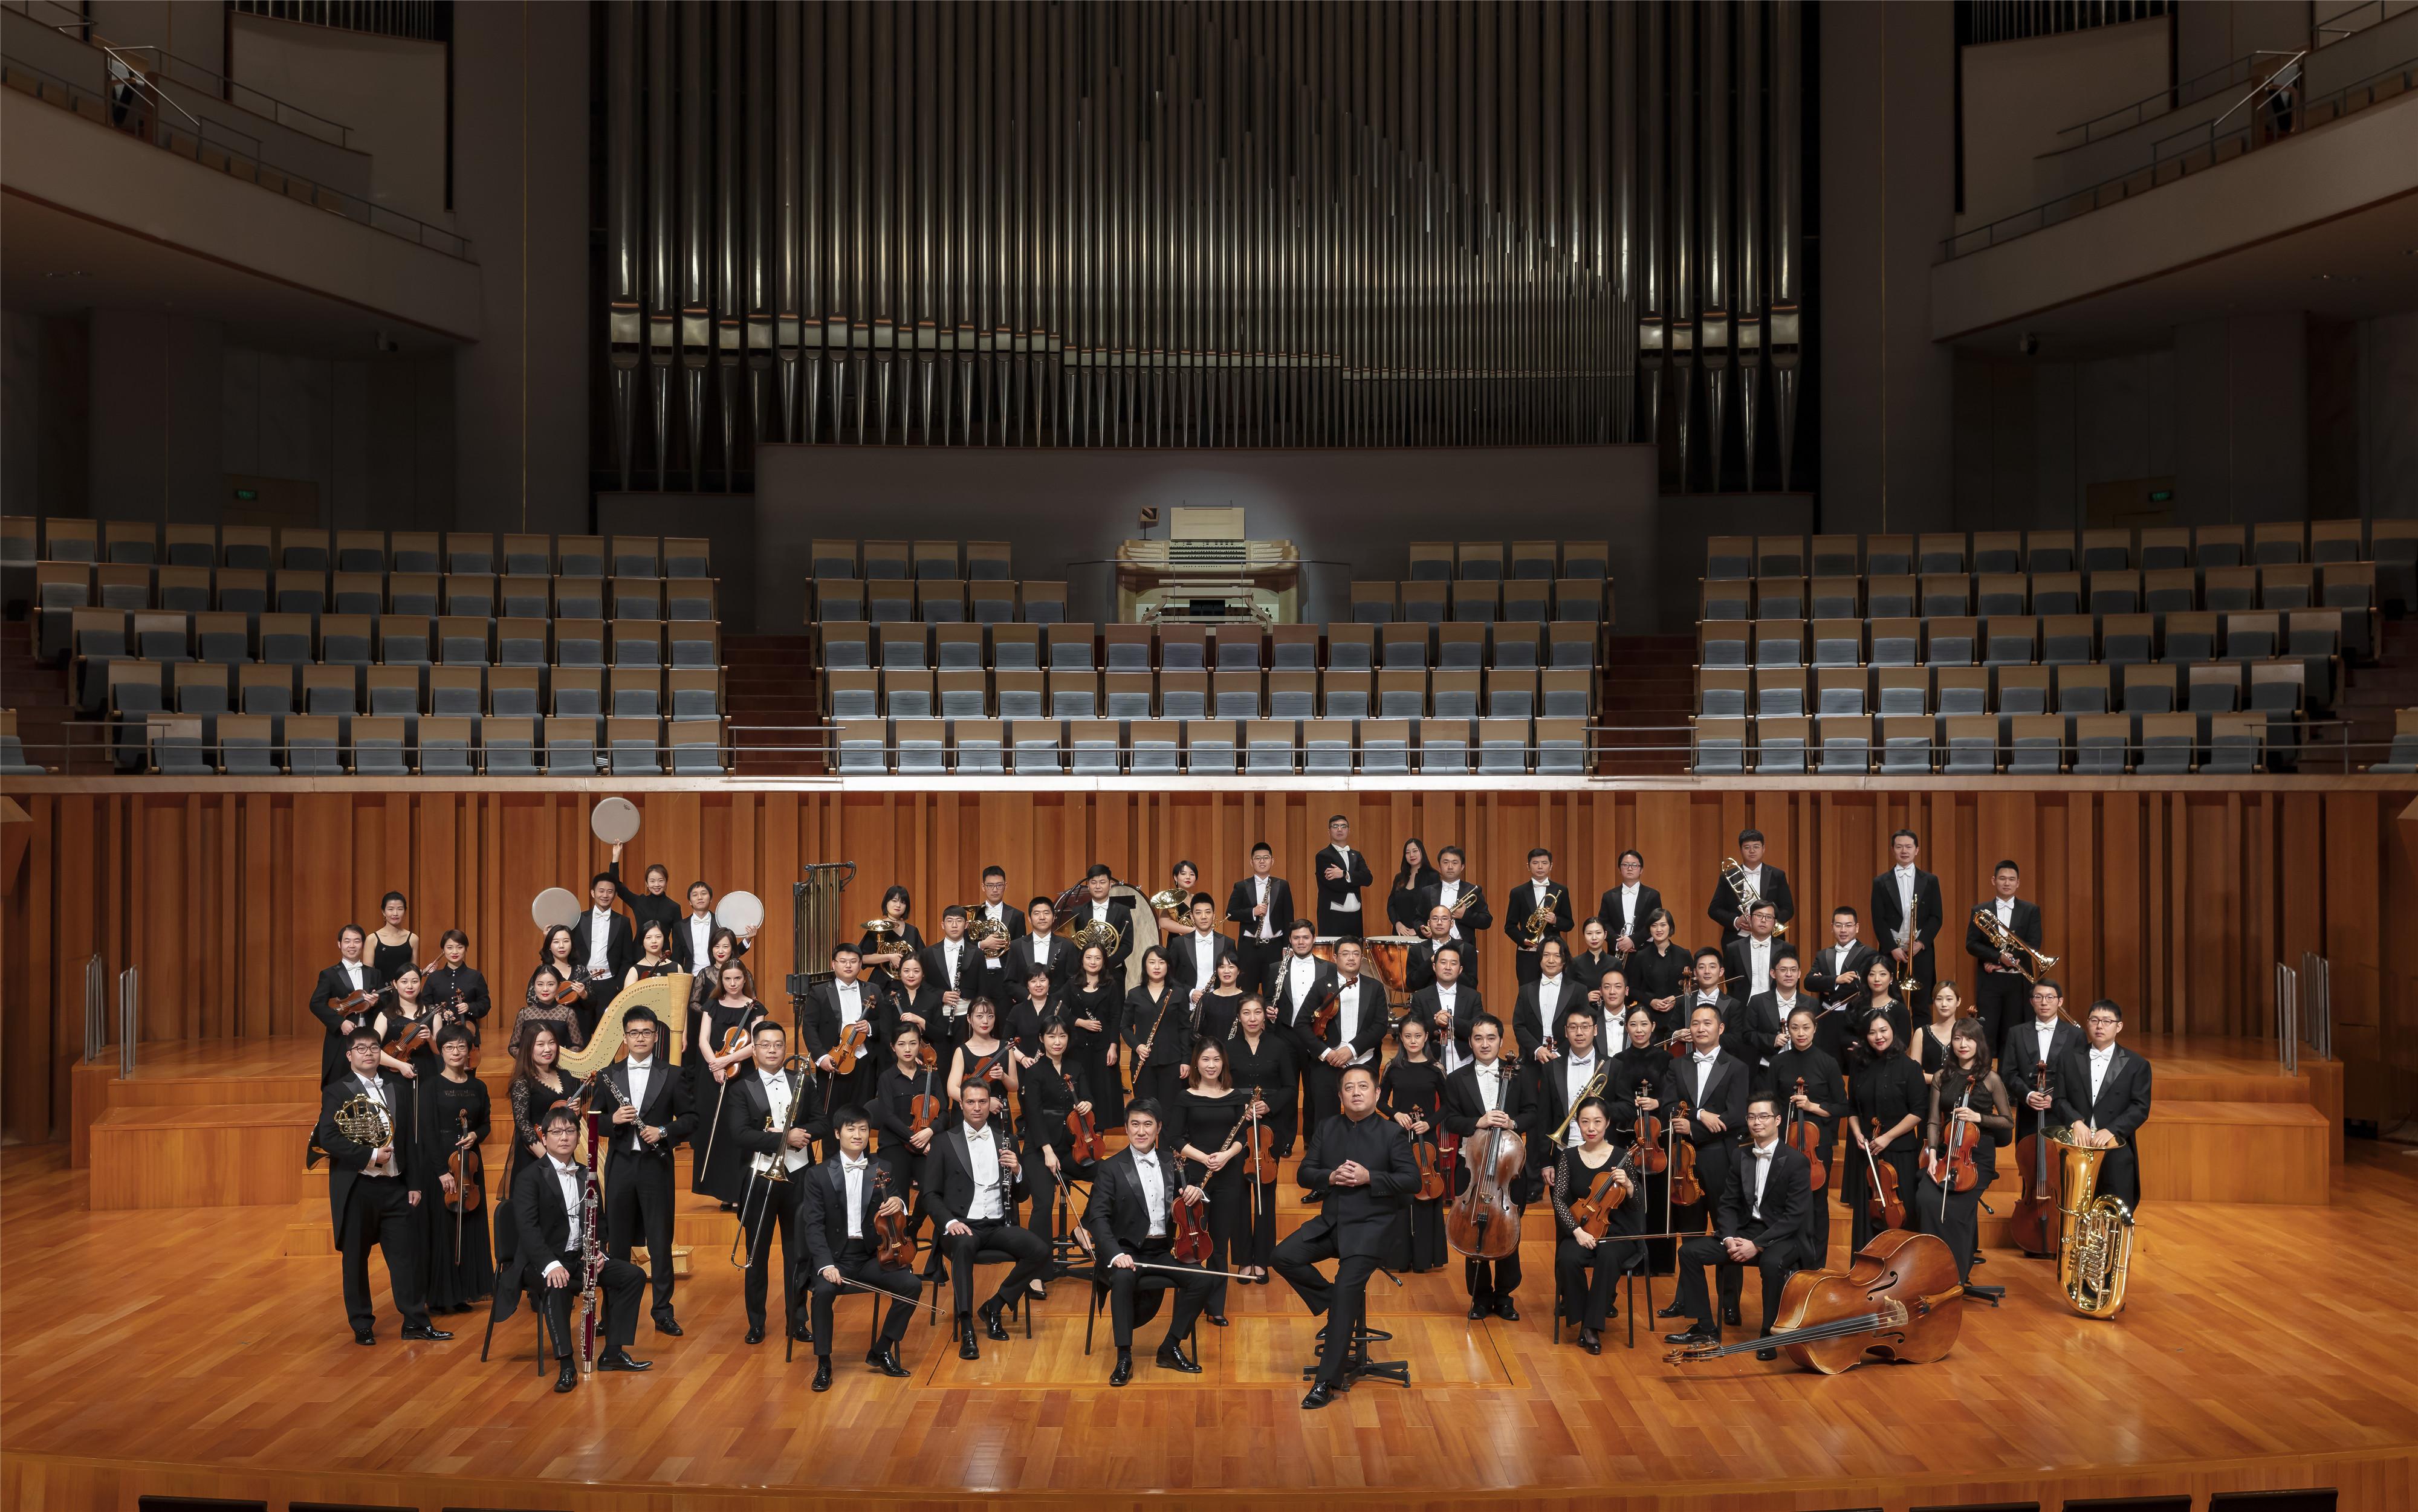 国家大剧院五月音乐节开幕GALA群星云集 世界级管乐大师同台献技